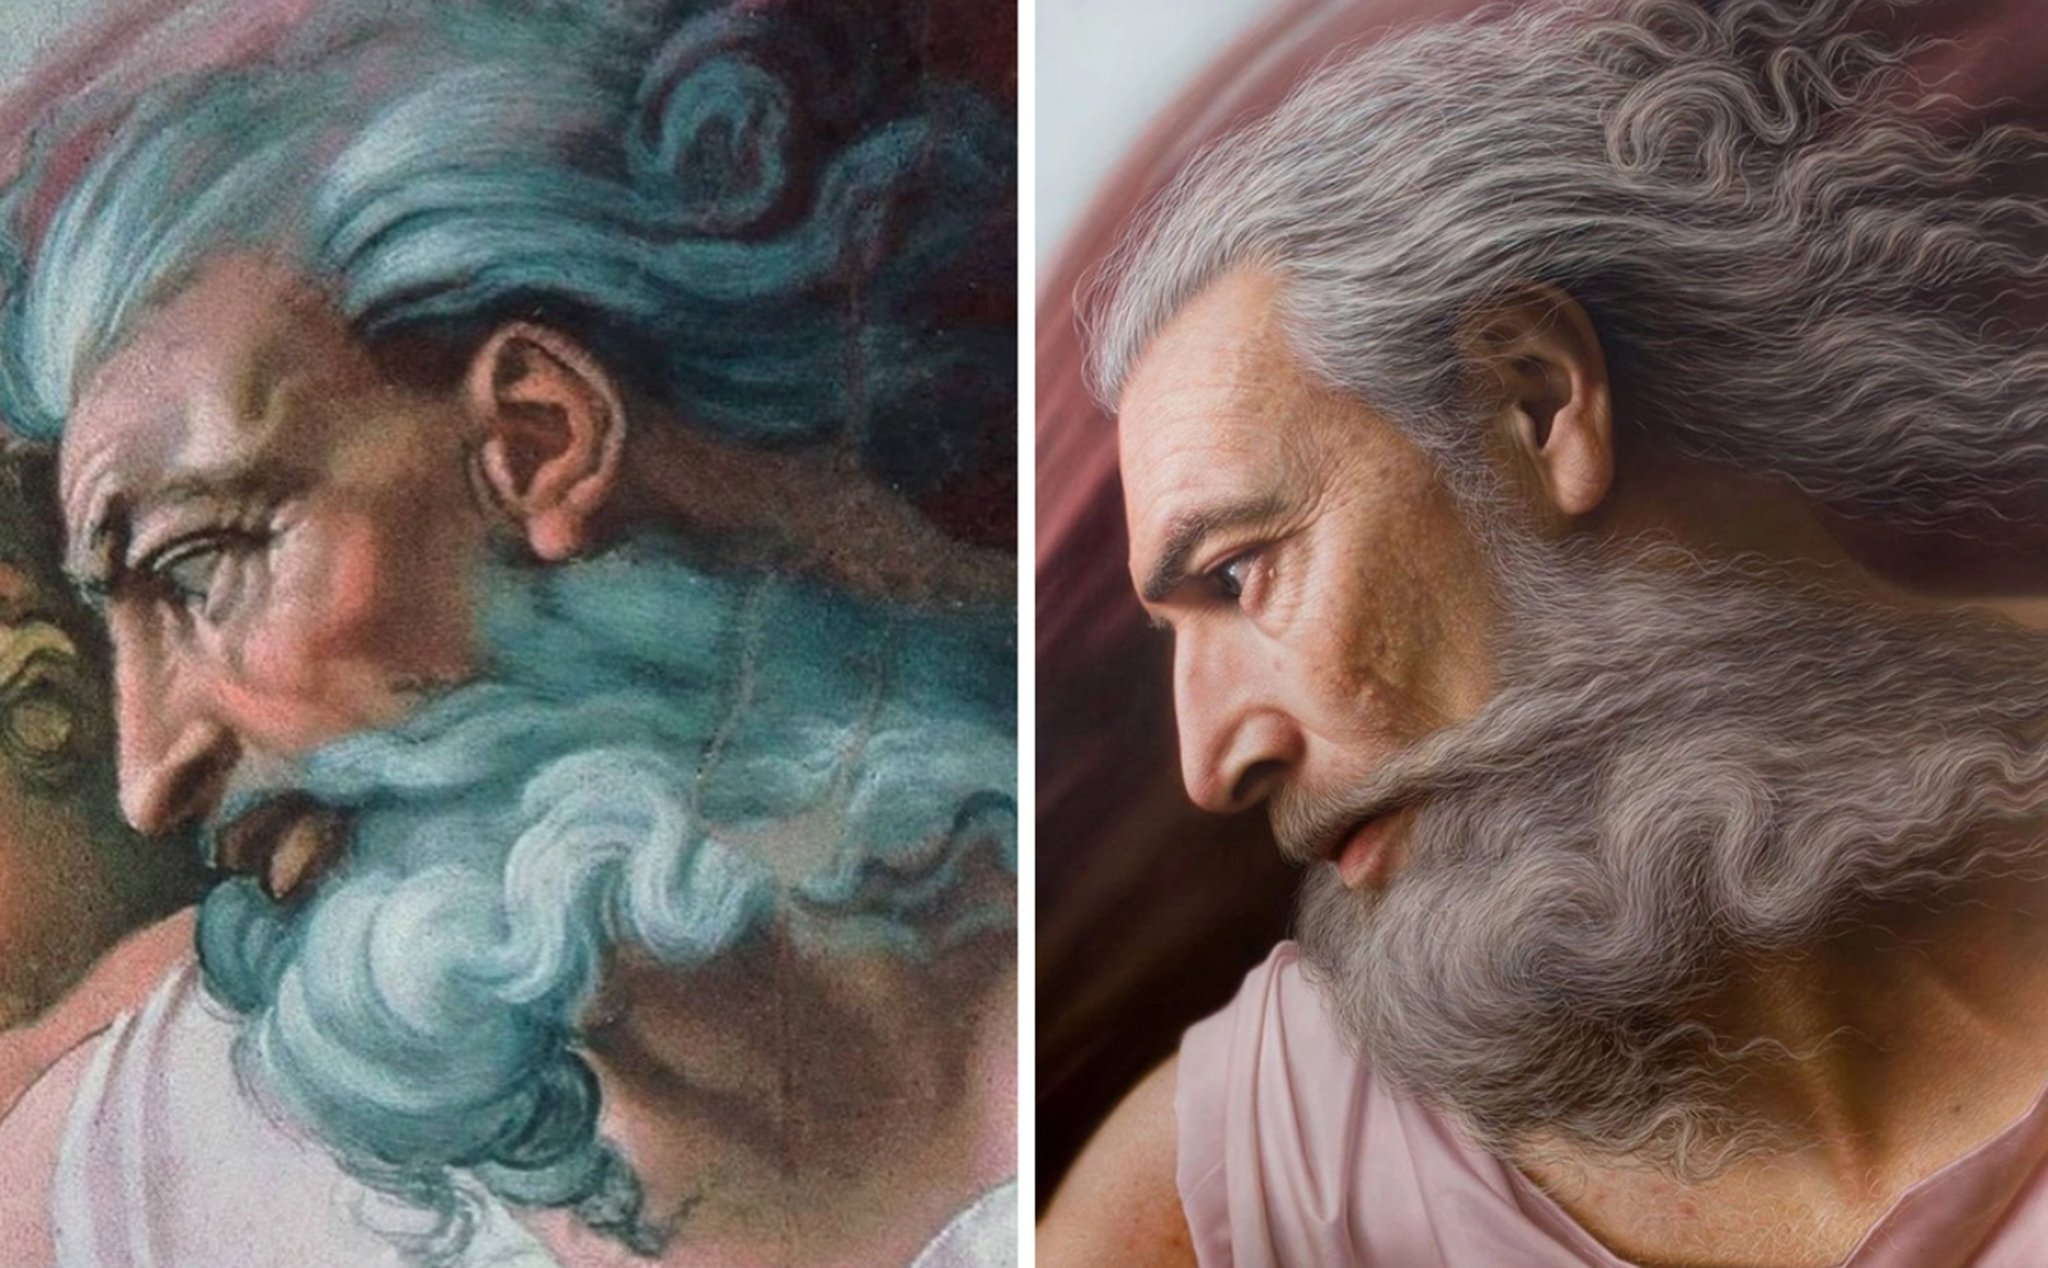 Chiêm ngưỡng những chân dung nổi tiếng được vẽ lại bằng phong cách cực thực (hyperrealistic) - 1